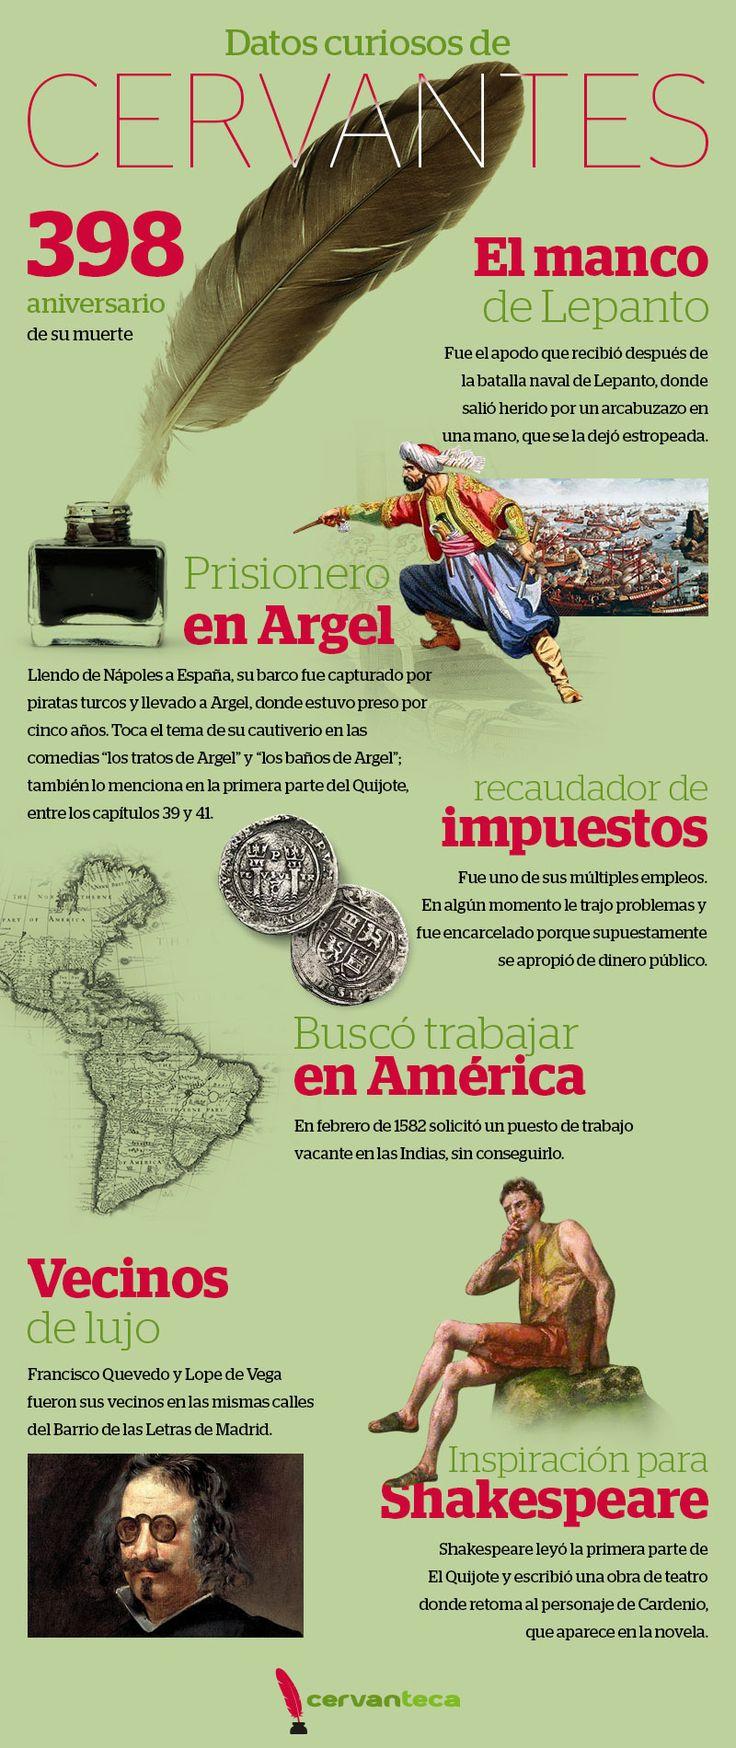 infografía-#Cervantes.jpg (800×1900) >> OJO: yendo se escribe con i griega o ye (como se llama ahora), y no con LL!!! ¡Por favor!